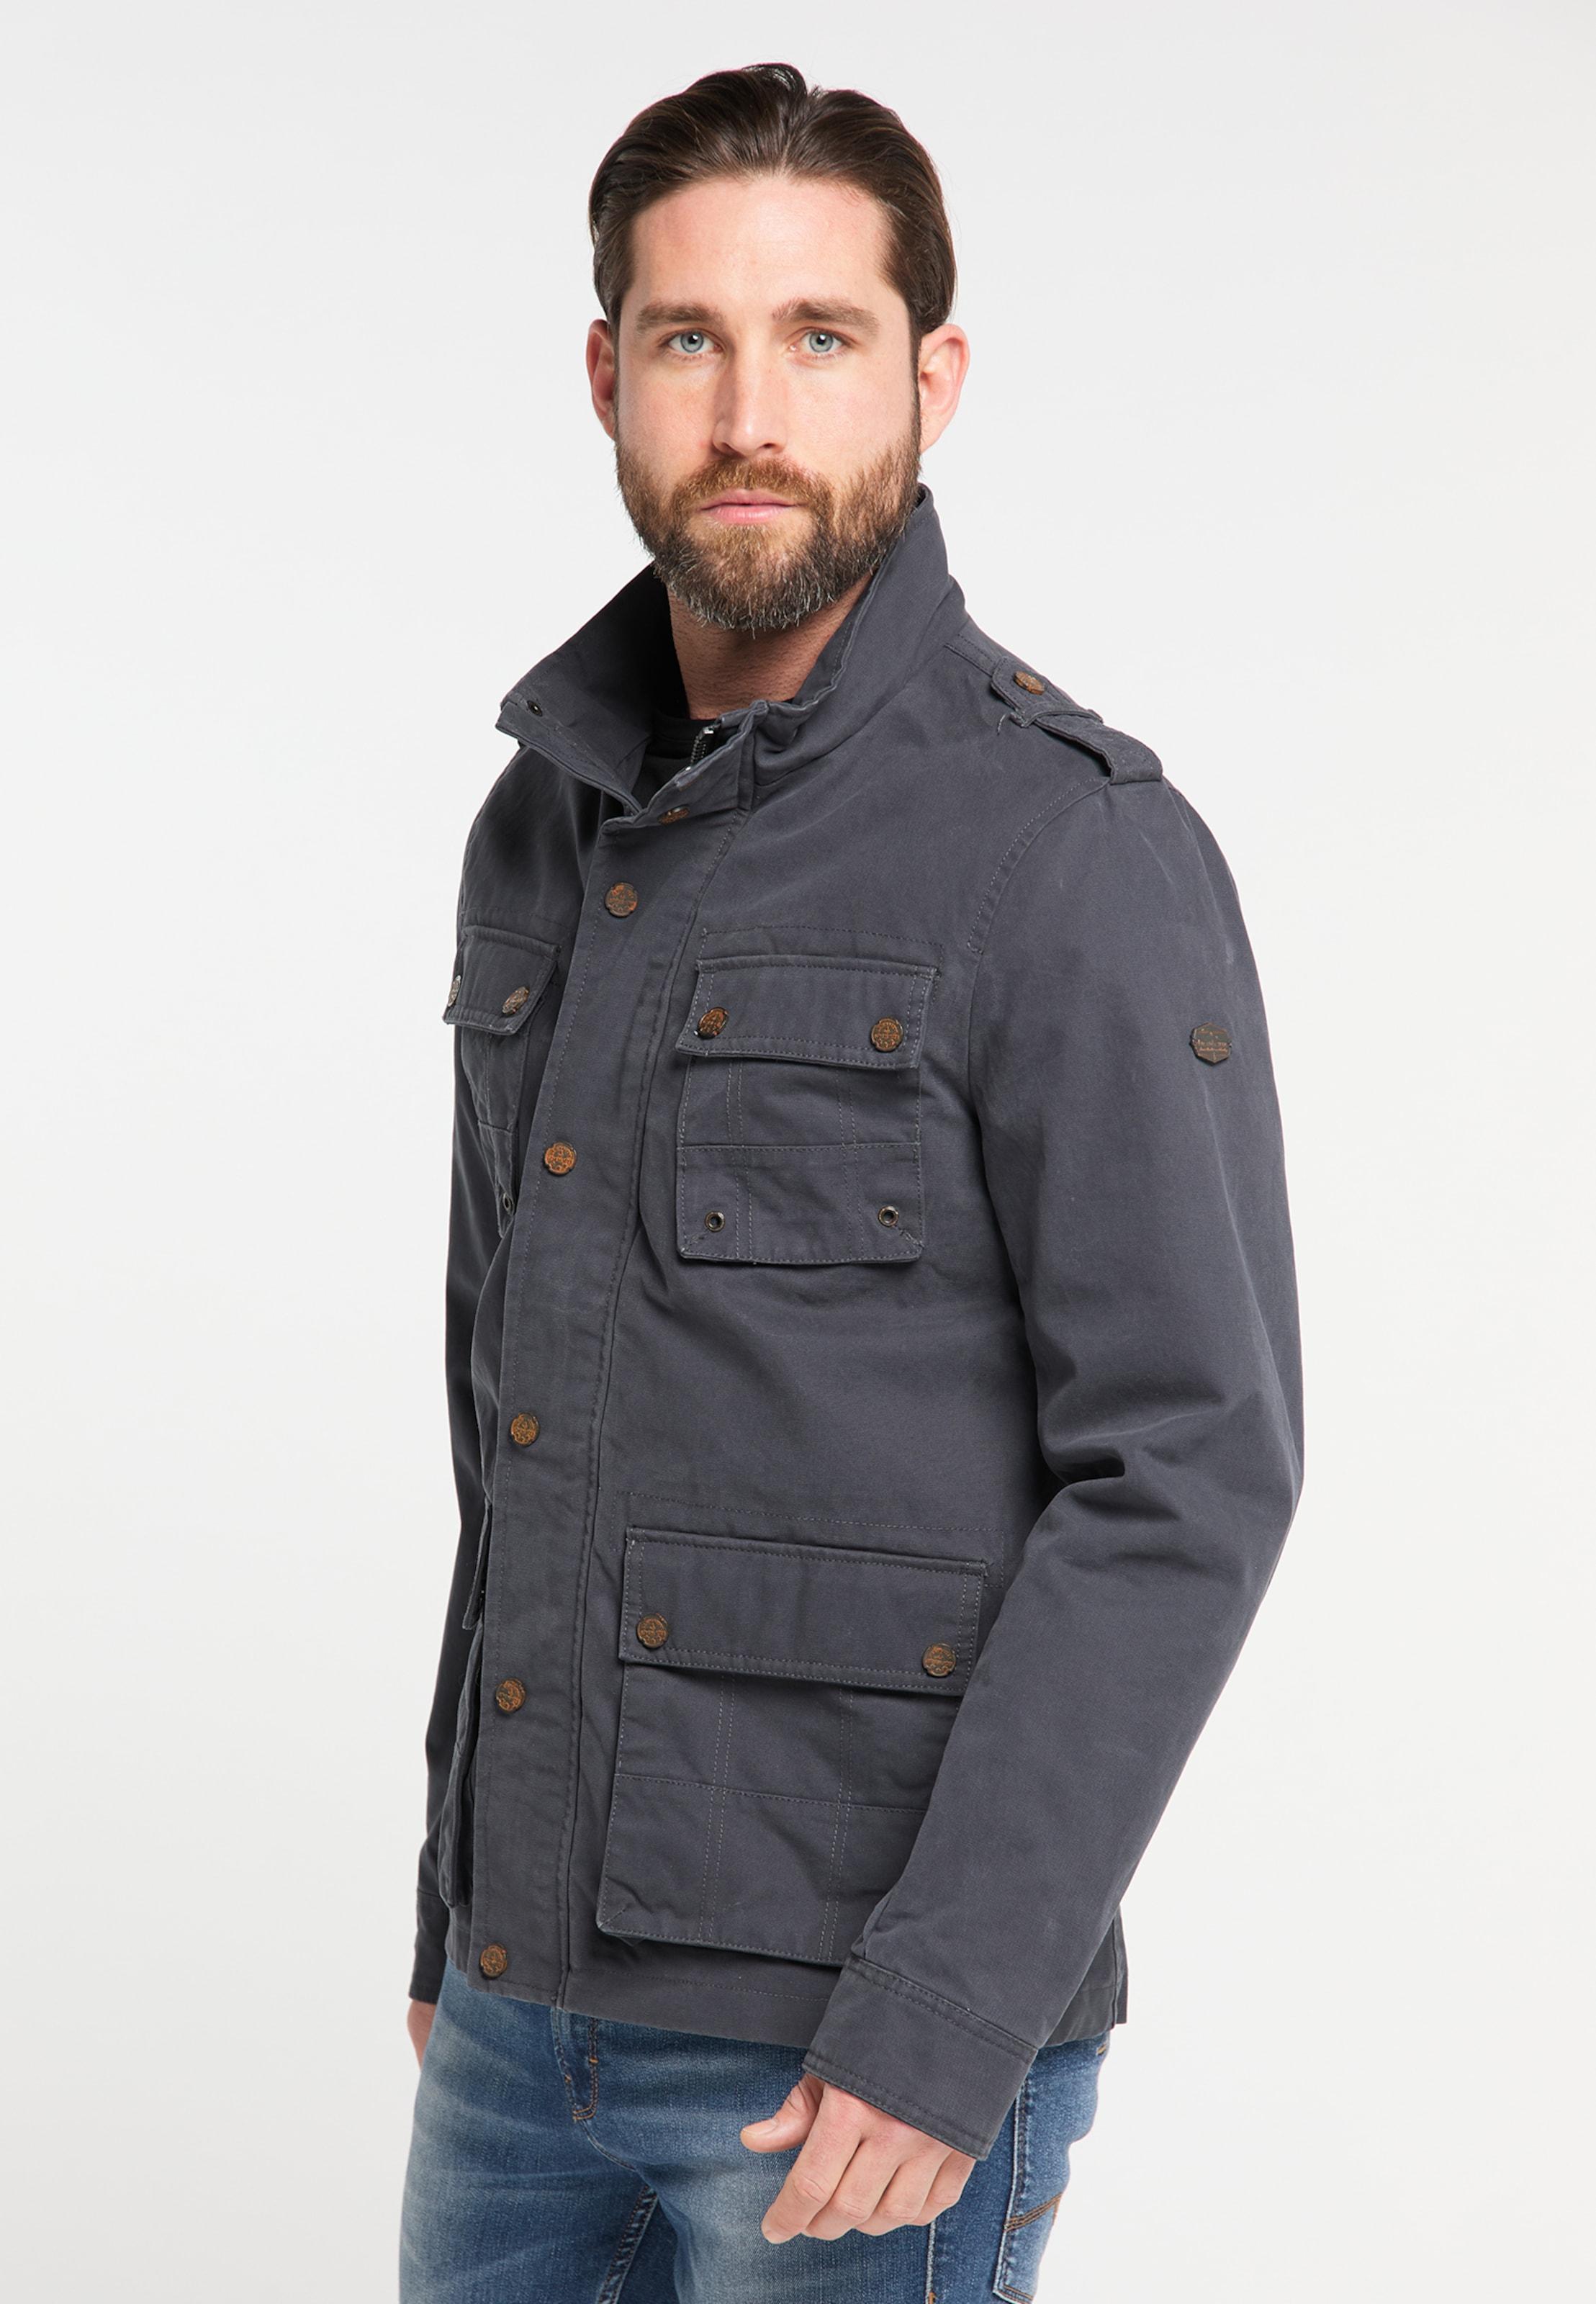 DREIMASTER Fieldjacket in kobaltblau Unifarben 4251686648345